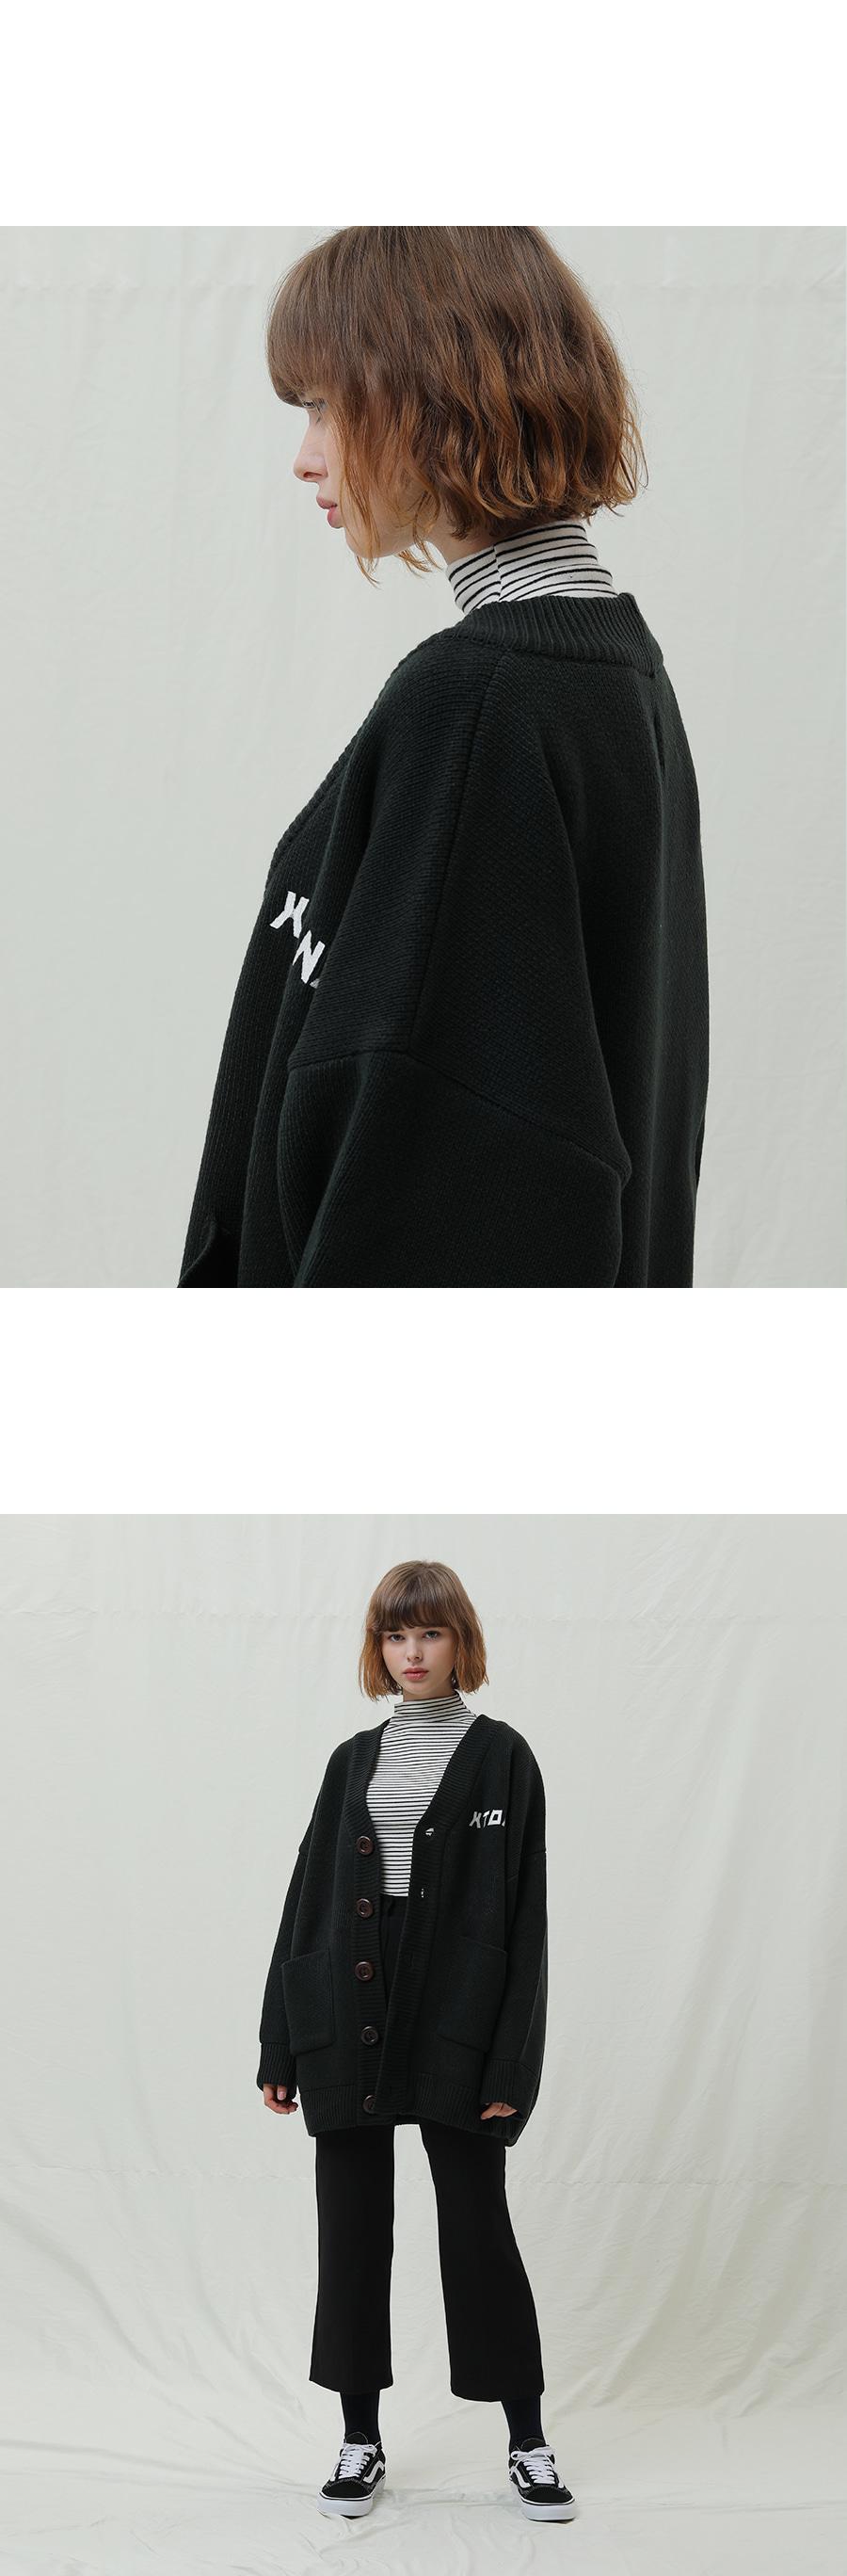 엑스톤즈 (XTONZ) XK1 오버핏 베이직 가디건 (GREEN)